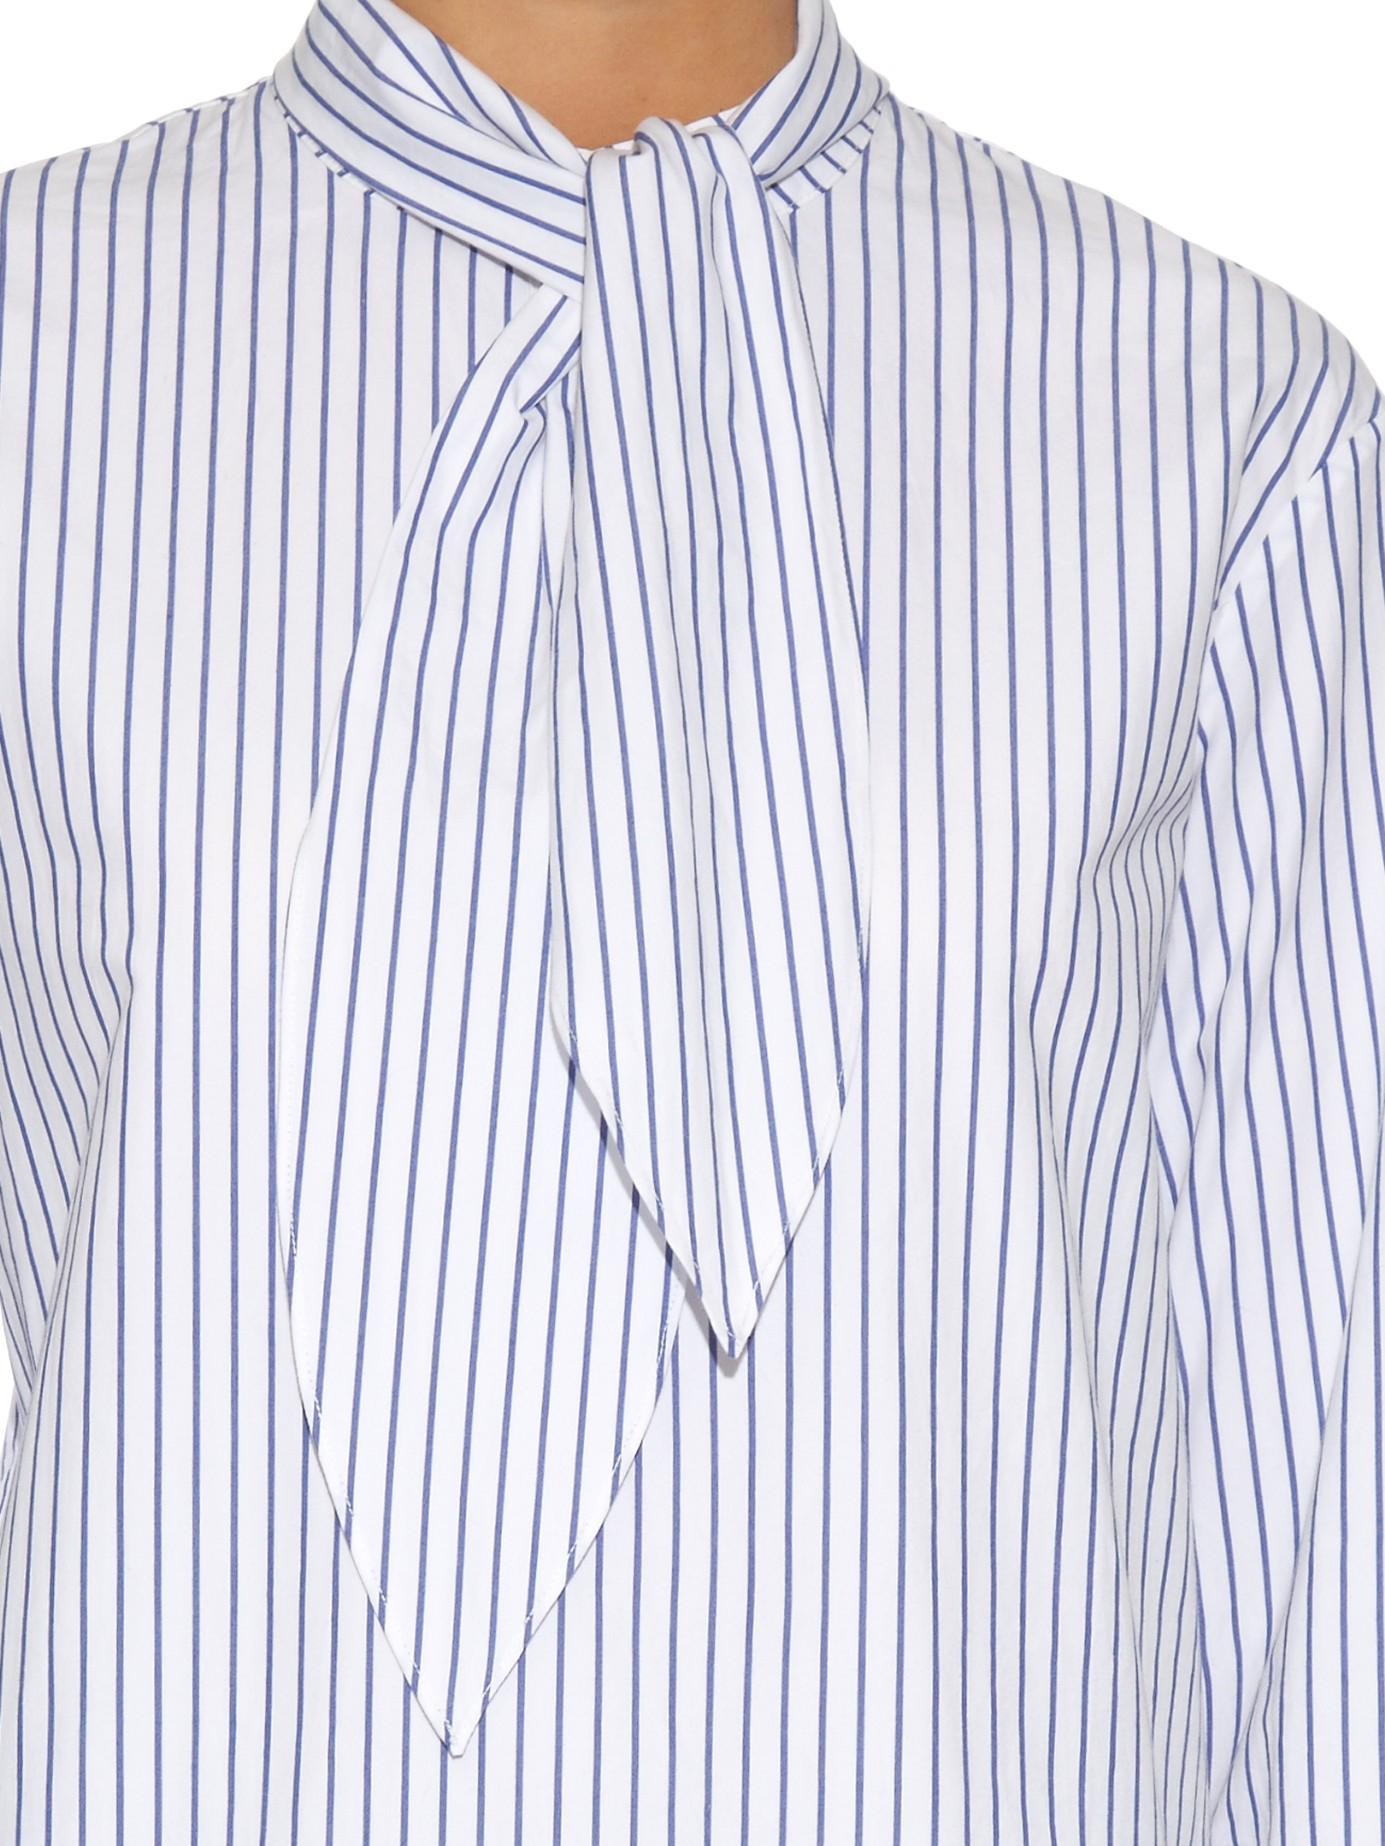 Lyst Trademark Tie Neck Striped Cotton Shirt In Blue